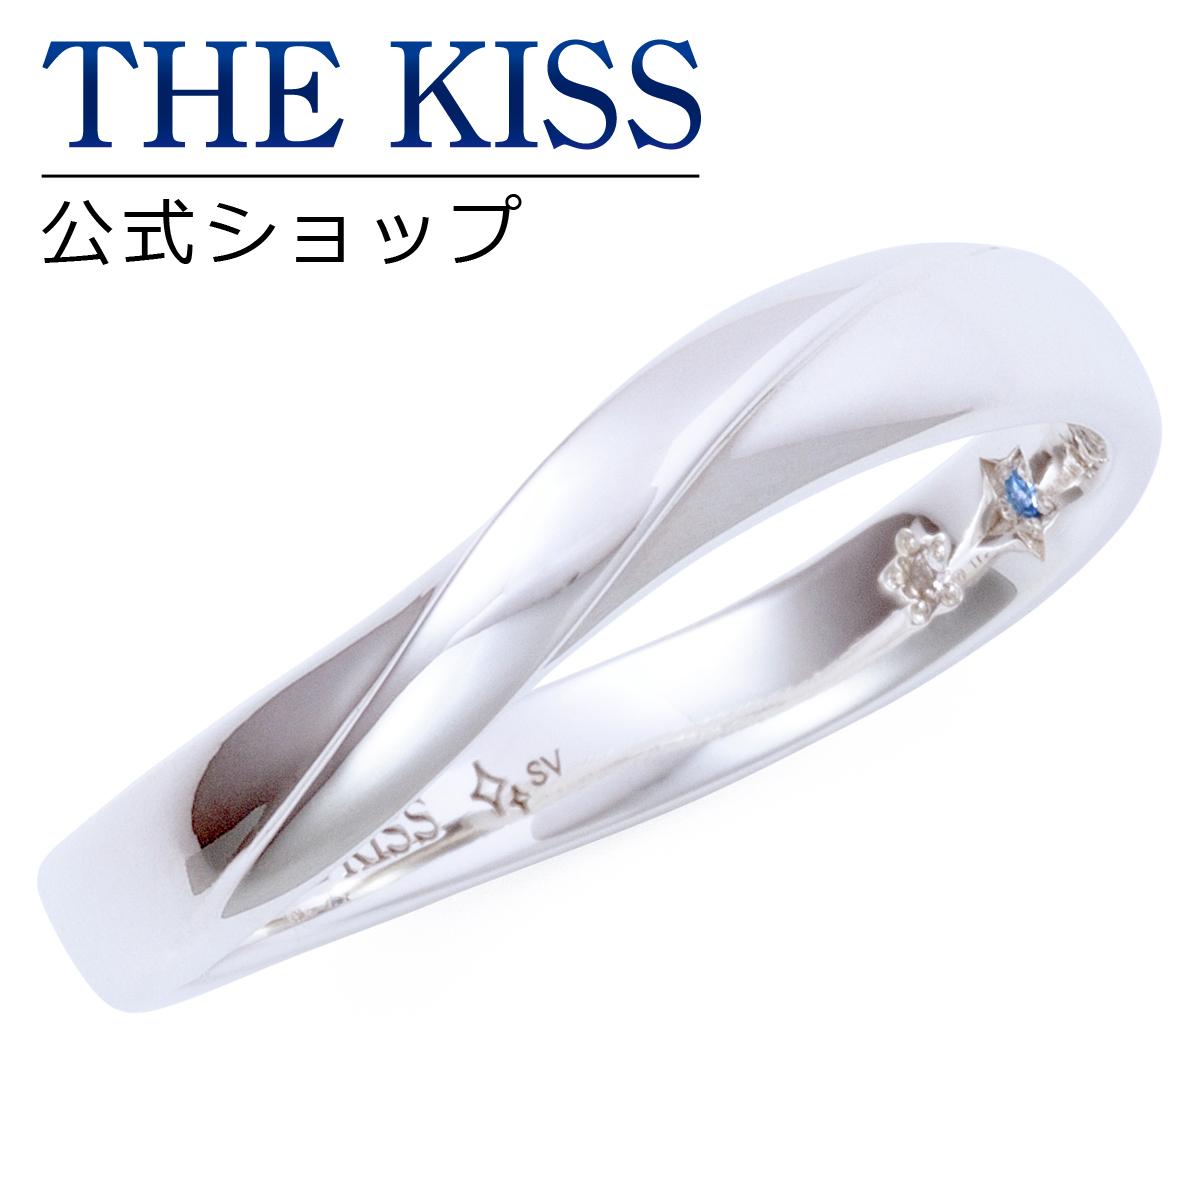 【あす楽対応】THE KISS 公式サイト シルバー ペアリング ( メンズ 単品 ) ペアアクセサリー カップル に 人気 の ジュエリーブランド THEKISS ペア リング・指輪 記念日 プレゼント 2016-02RM-DM ザキス 【送料無料】